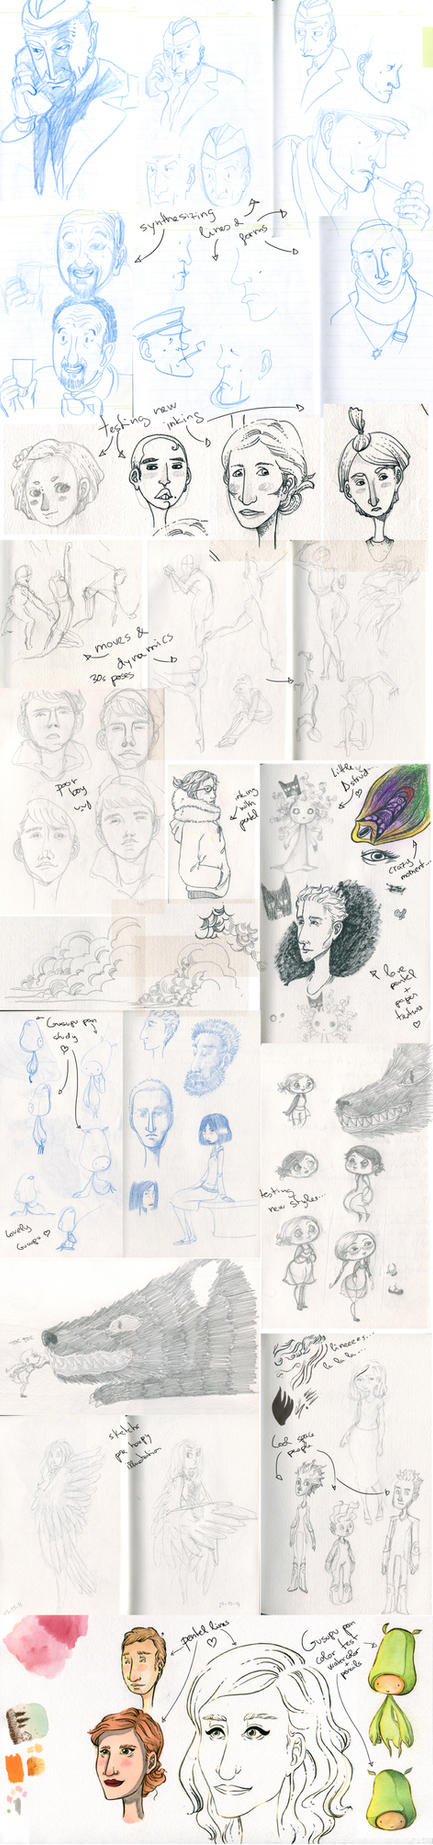 Sketchs 201501 by NorikoNyaaa